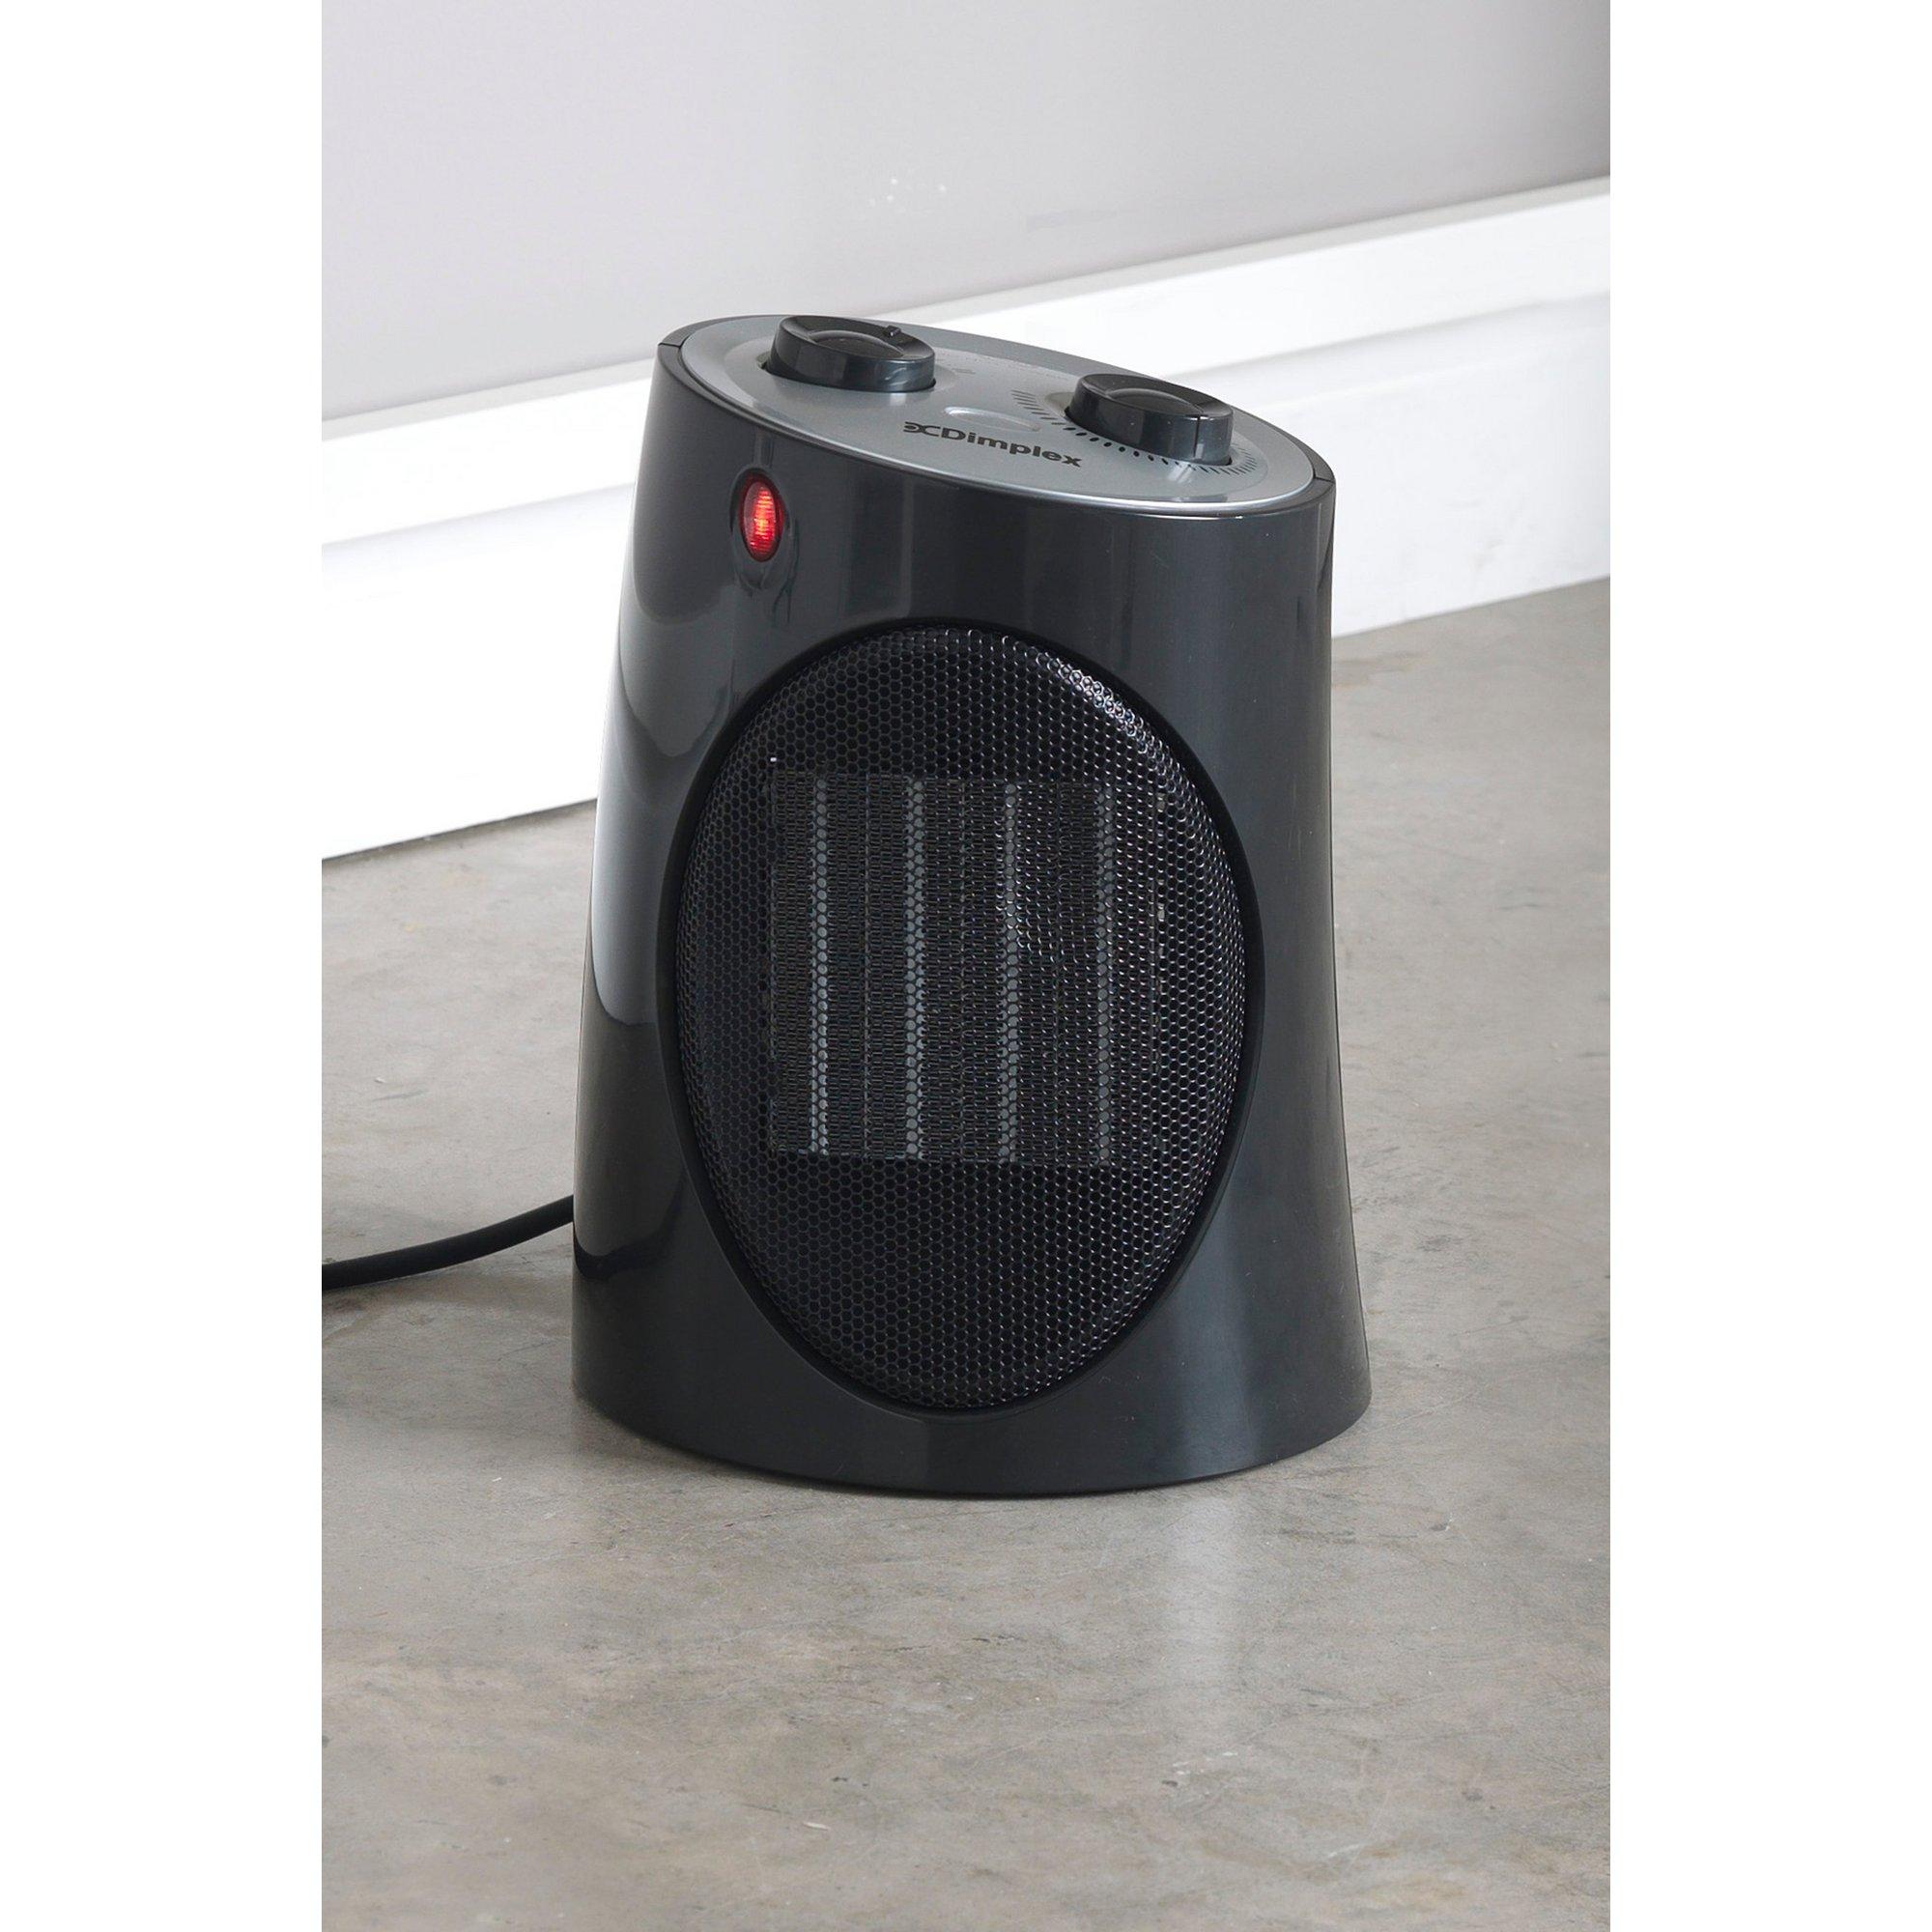 Image of Dimplex 2000W Tusk Ceramic Heater